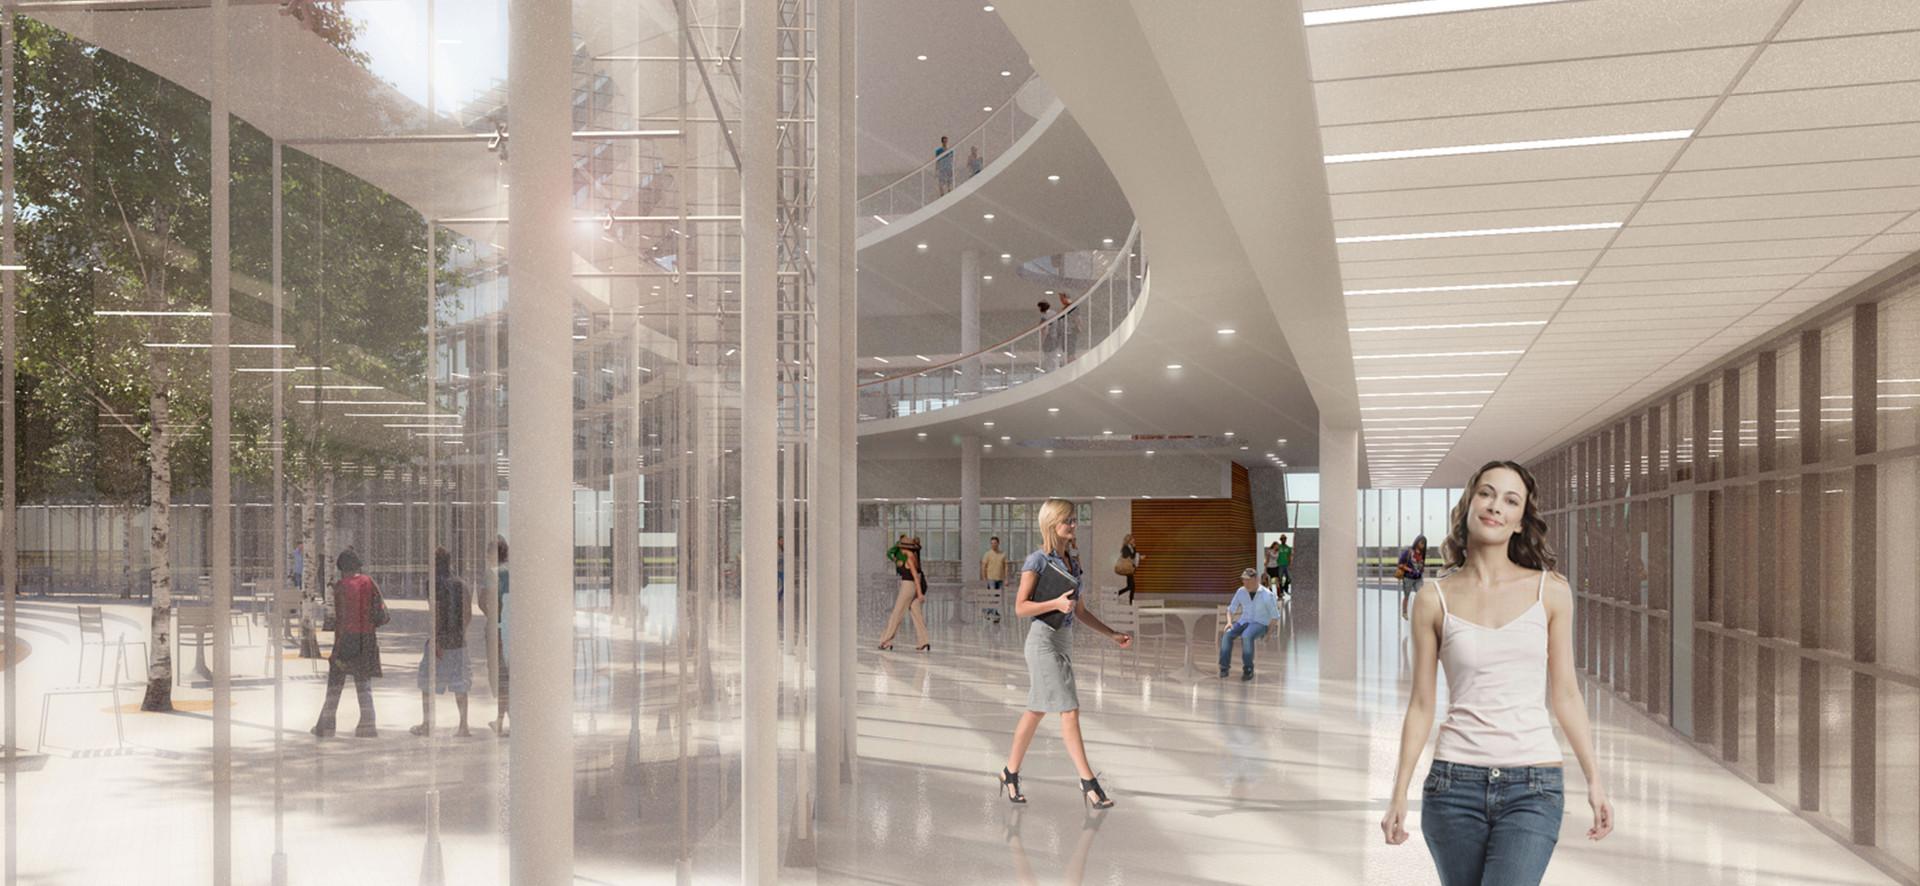 Alameda College Atrium